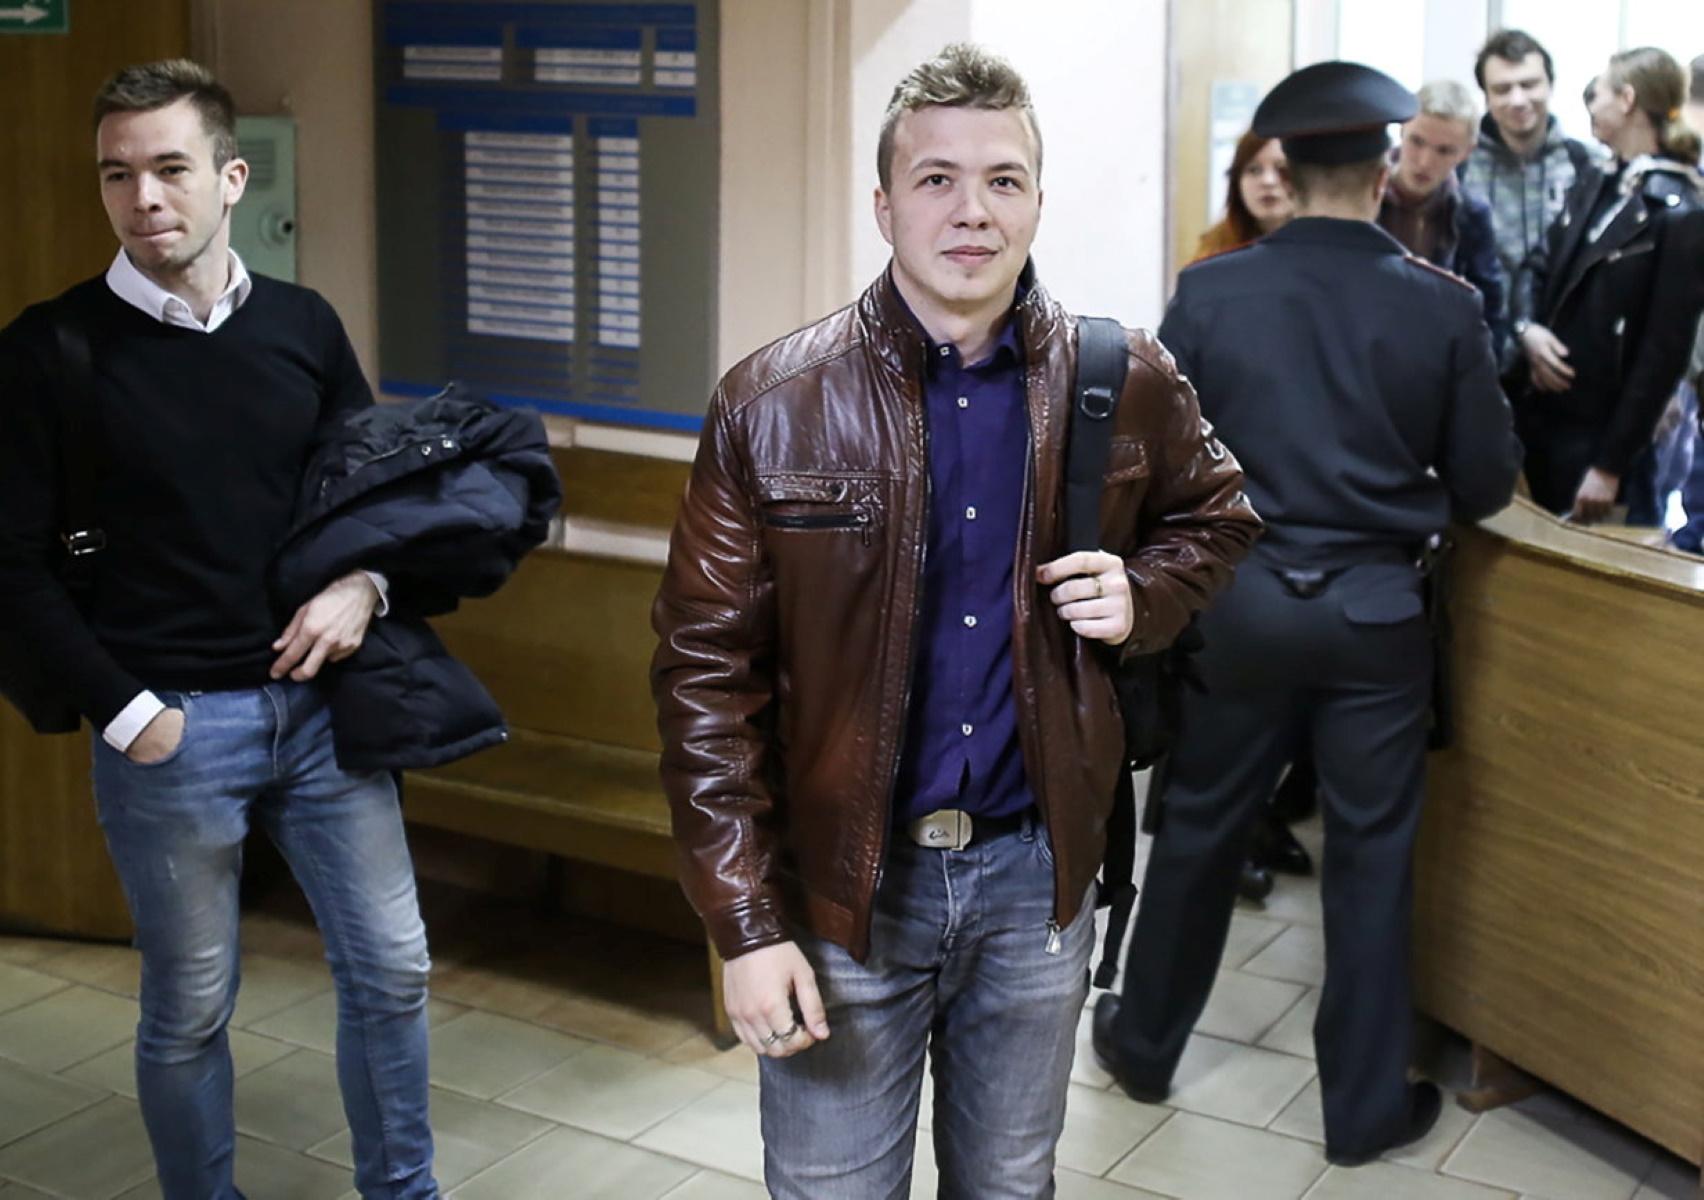 Πτήση Ryanair: Αυτός είναι ο δημοσιογράφος που συνελήφθη στο Μινσκ